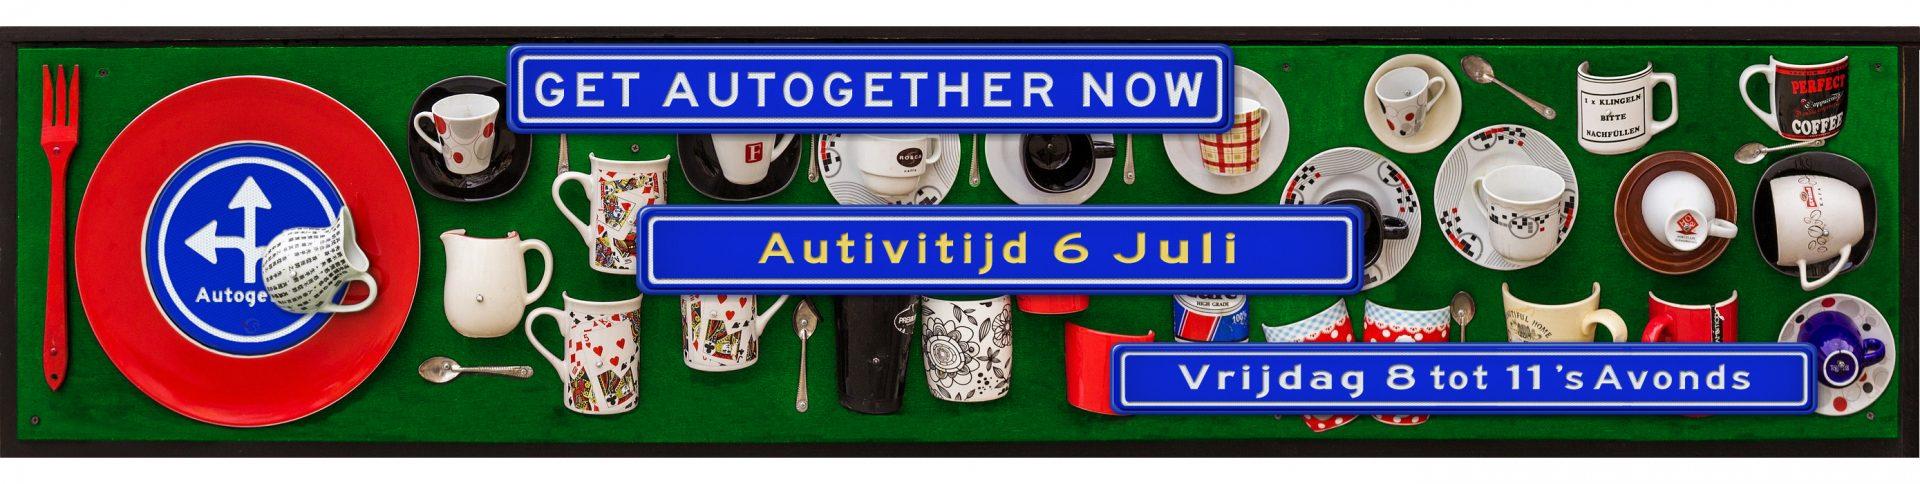 Woensdag 6 Juli van 20:00 tot 23:00 is het weer Autogether in de Tapijn